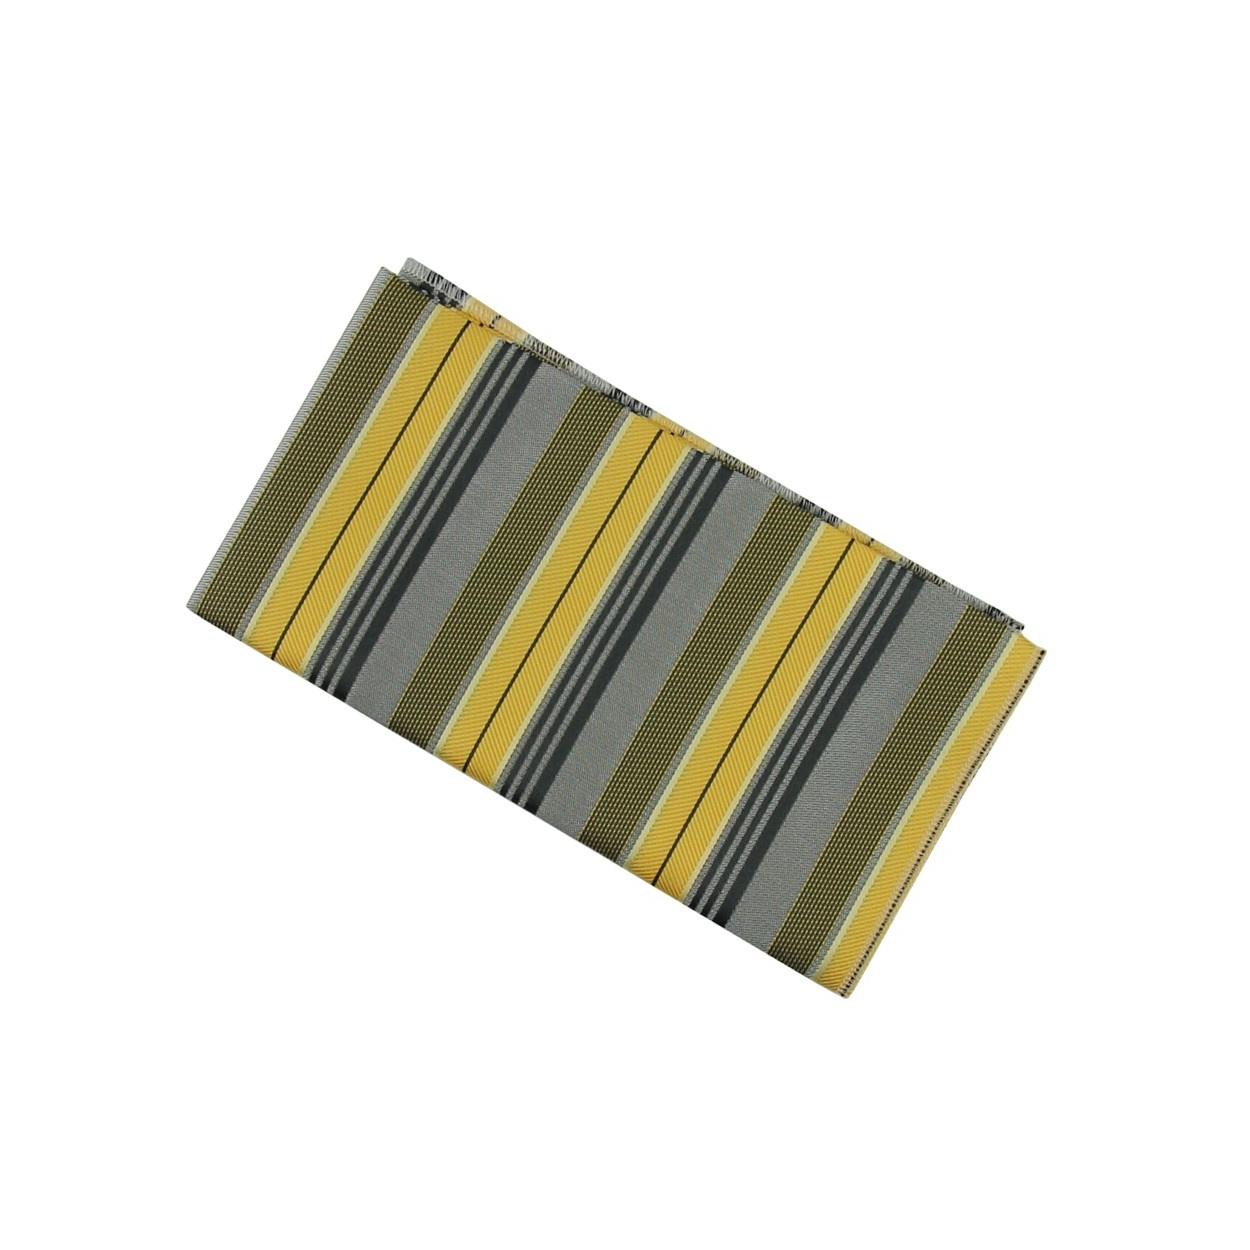 Žluto šedý pánský kapesníček do saka s pruhy